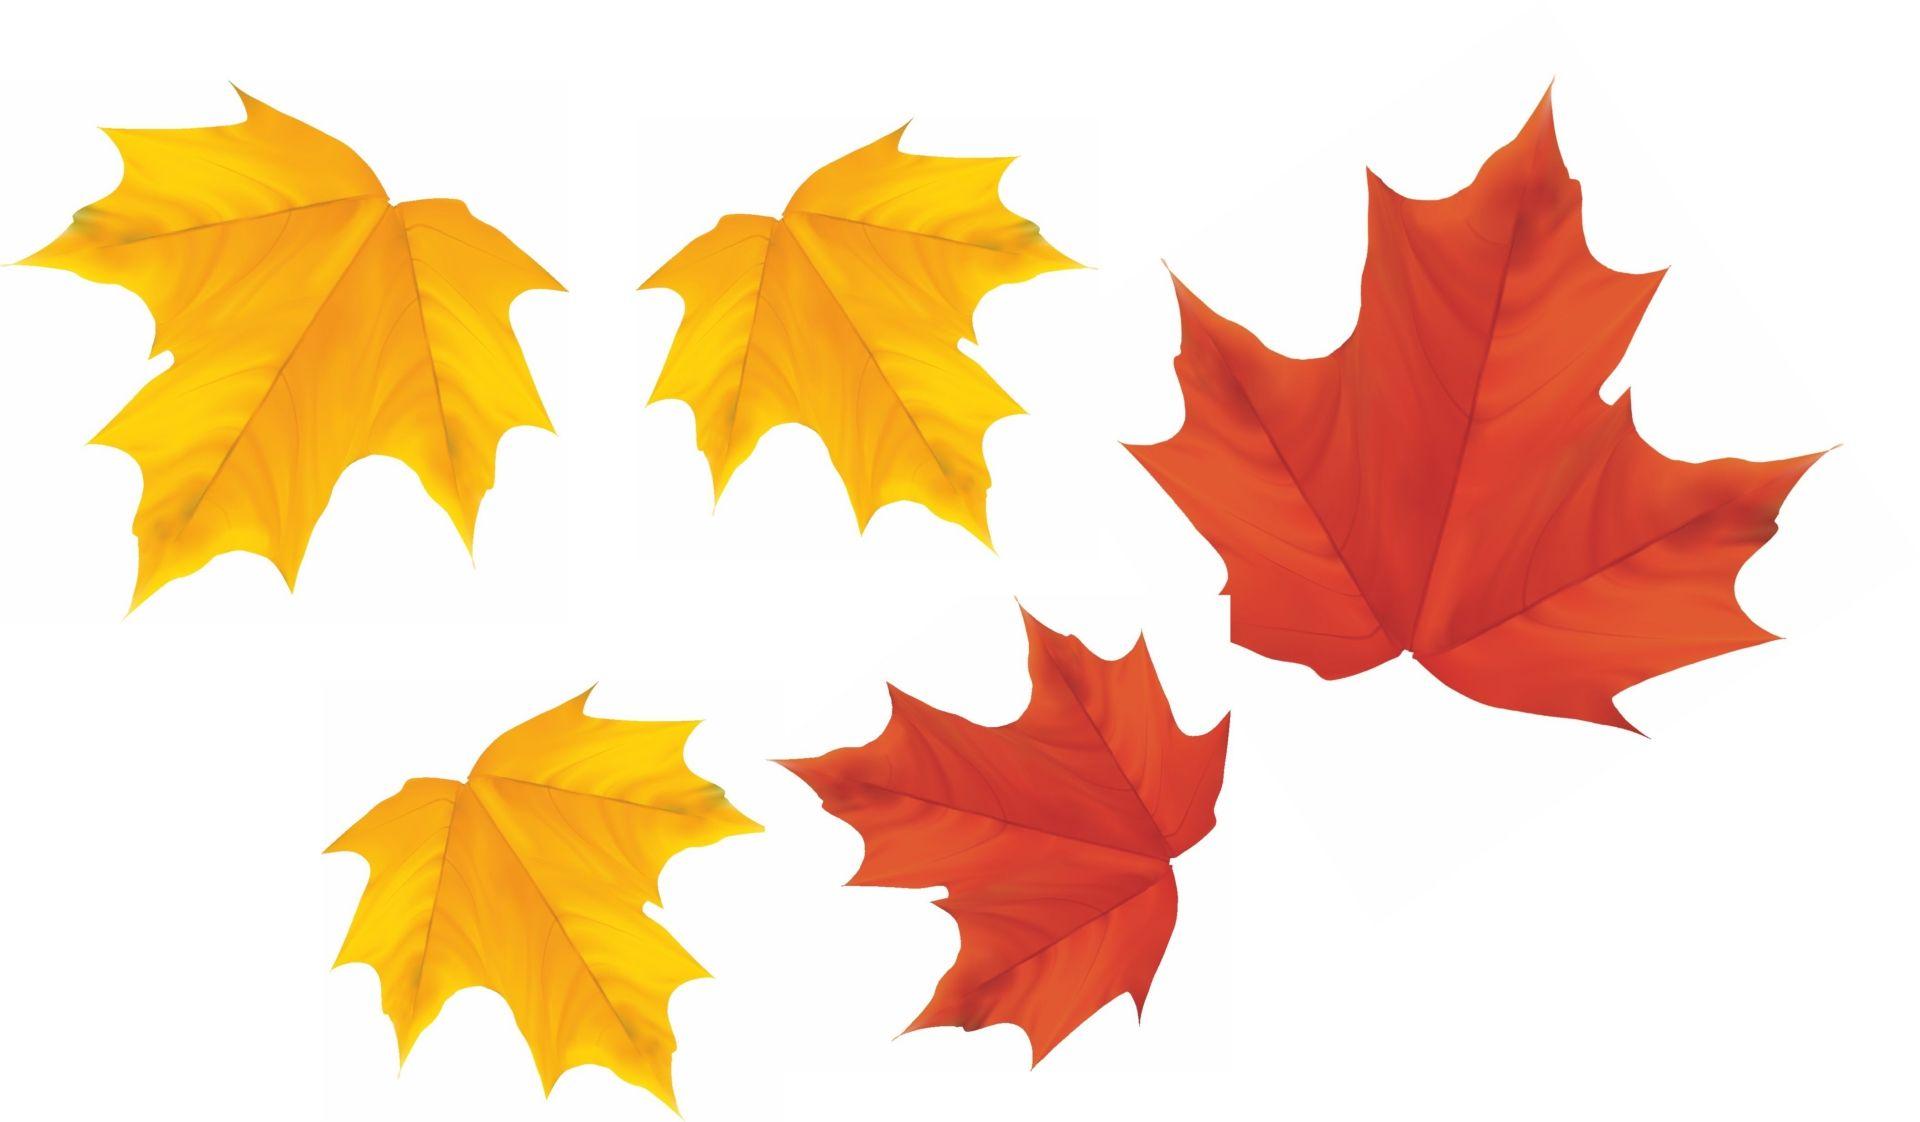 Мини-плакат вырубной  Листья (5 видов листьев по 10 шт.): упаковка 50 шт.Вырубные фигуры<br>.<br><br>Год: 2017<br>Серия: Вырубные фигуры для оформления